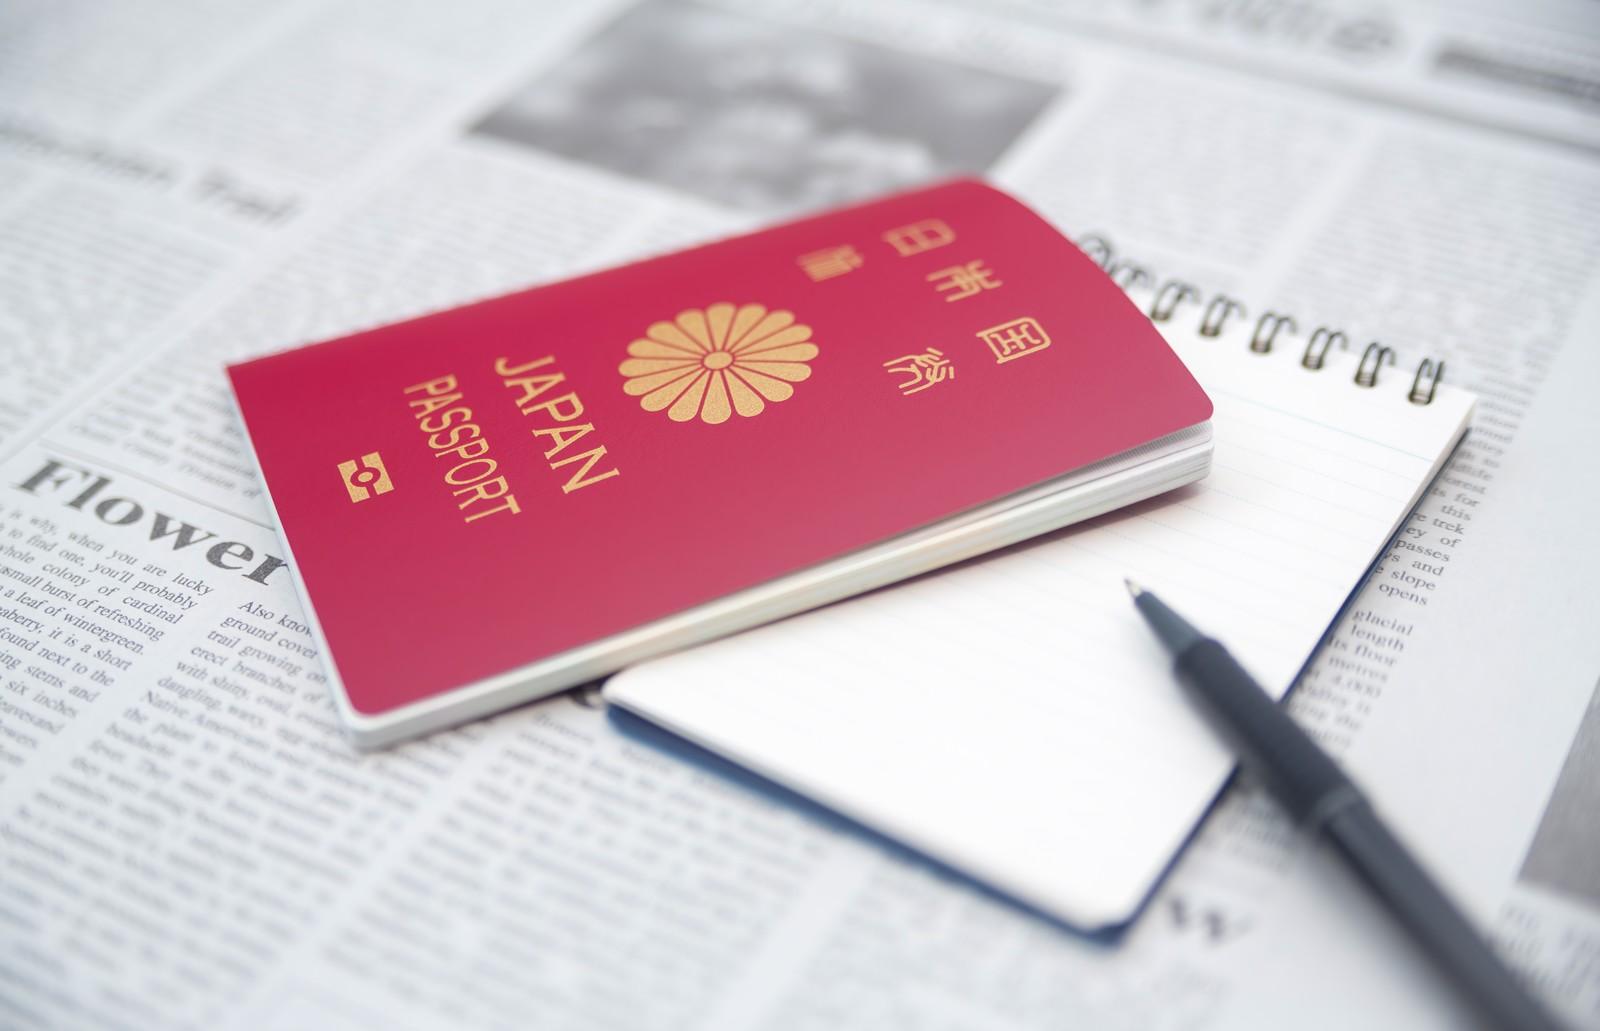 【豪州国籍・永住者向け】11月1日からTravel Exemptionなしでの渡航が可能に